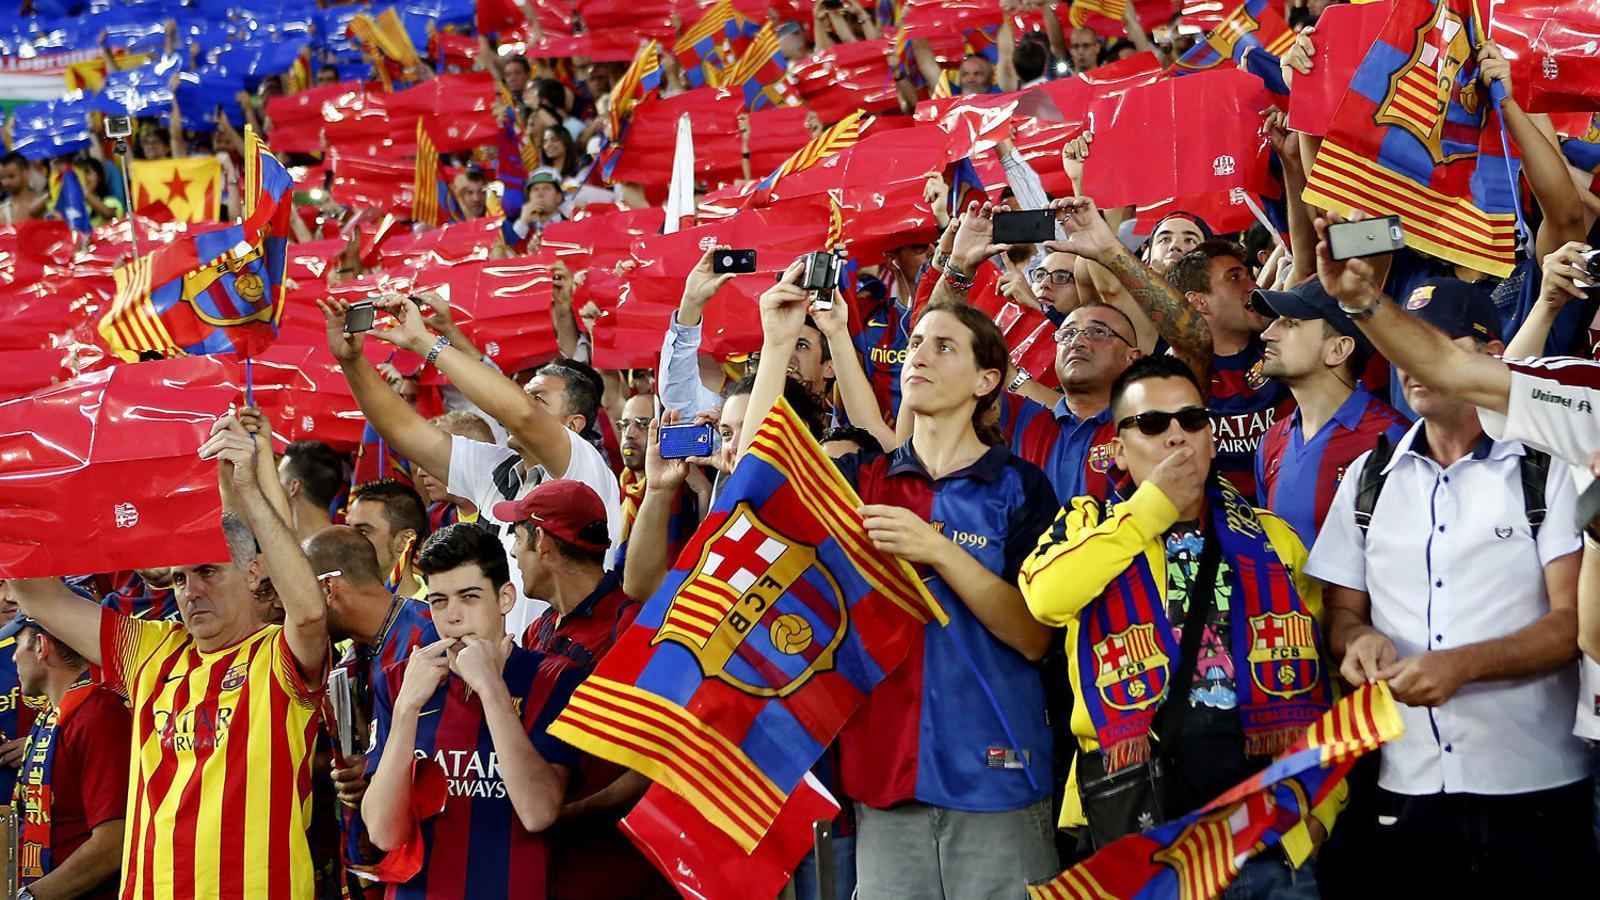 Aficionats del Barça xiulant l'himne espanyol abans de la final de la Copa del Rei del 2015 contra l'Athletic Club.